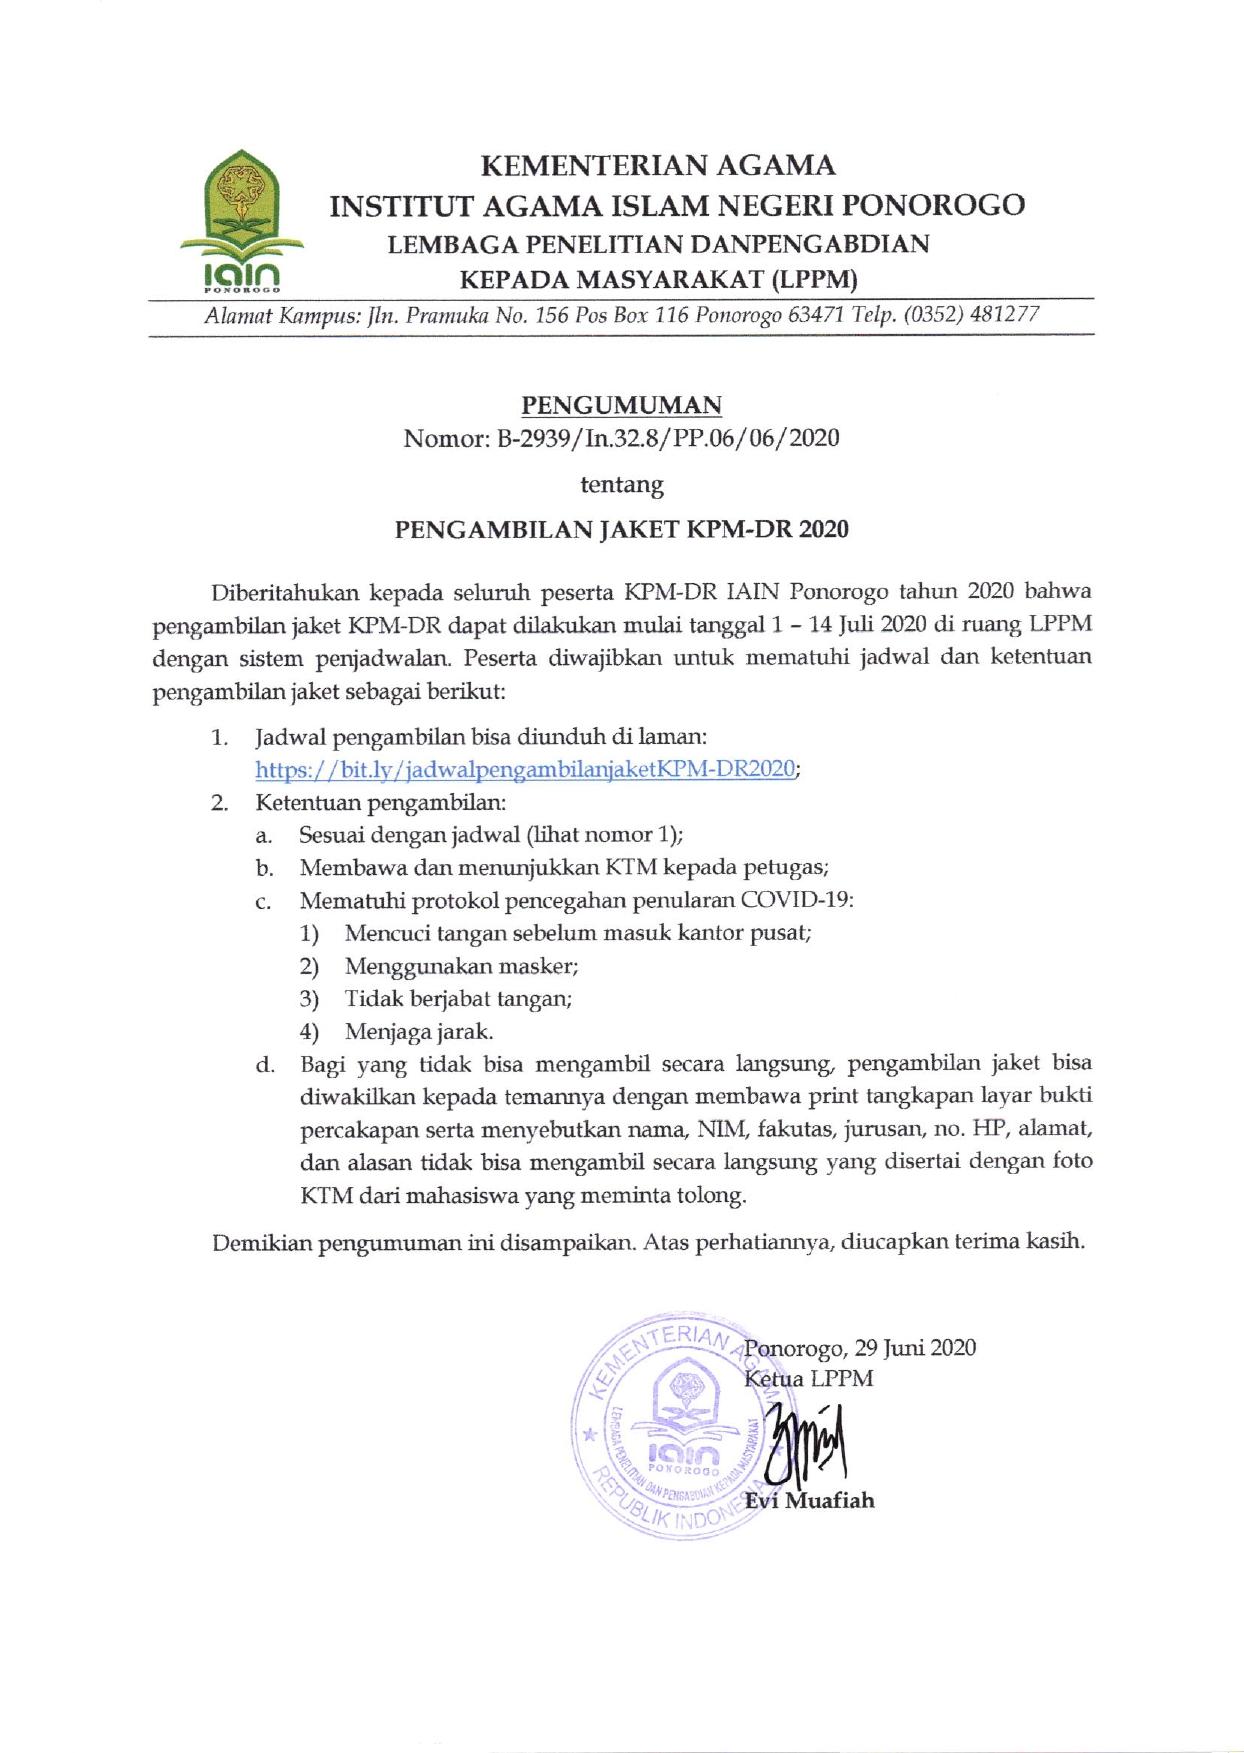 Pengumuman Pengambilan Jaket KPM-DR 2020